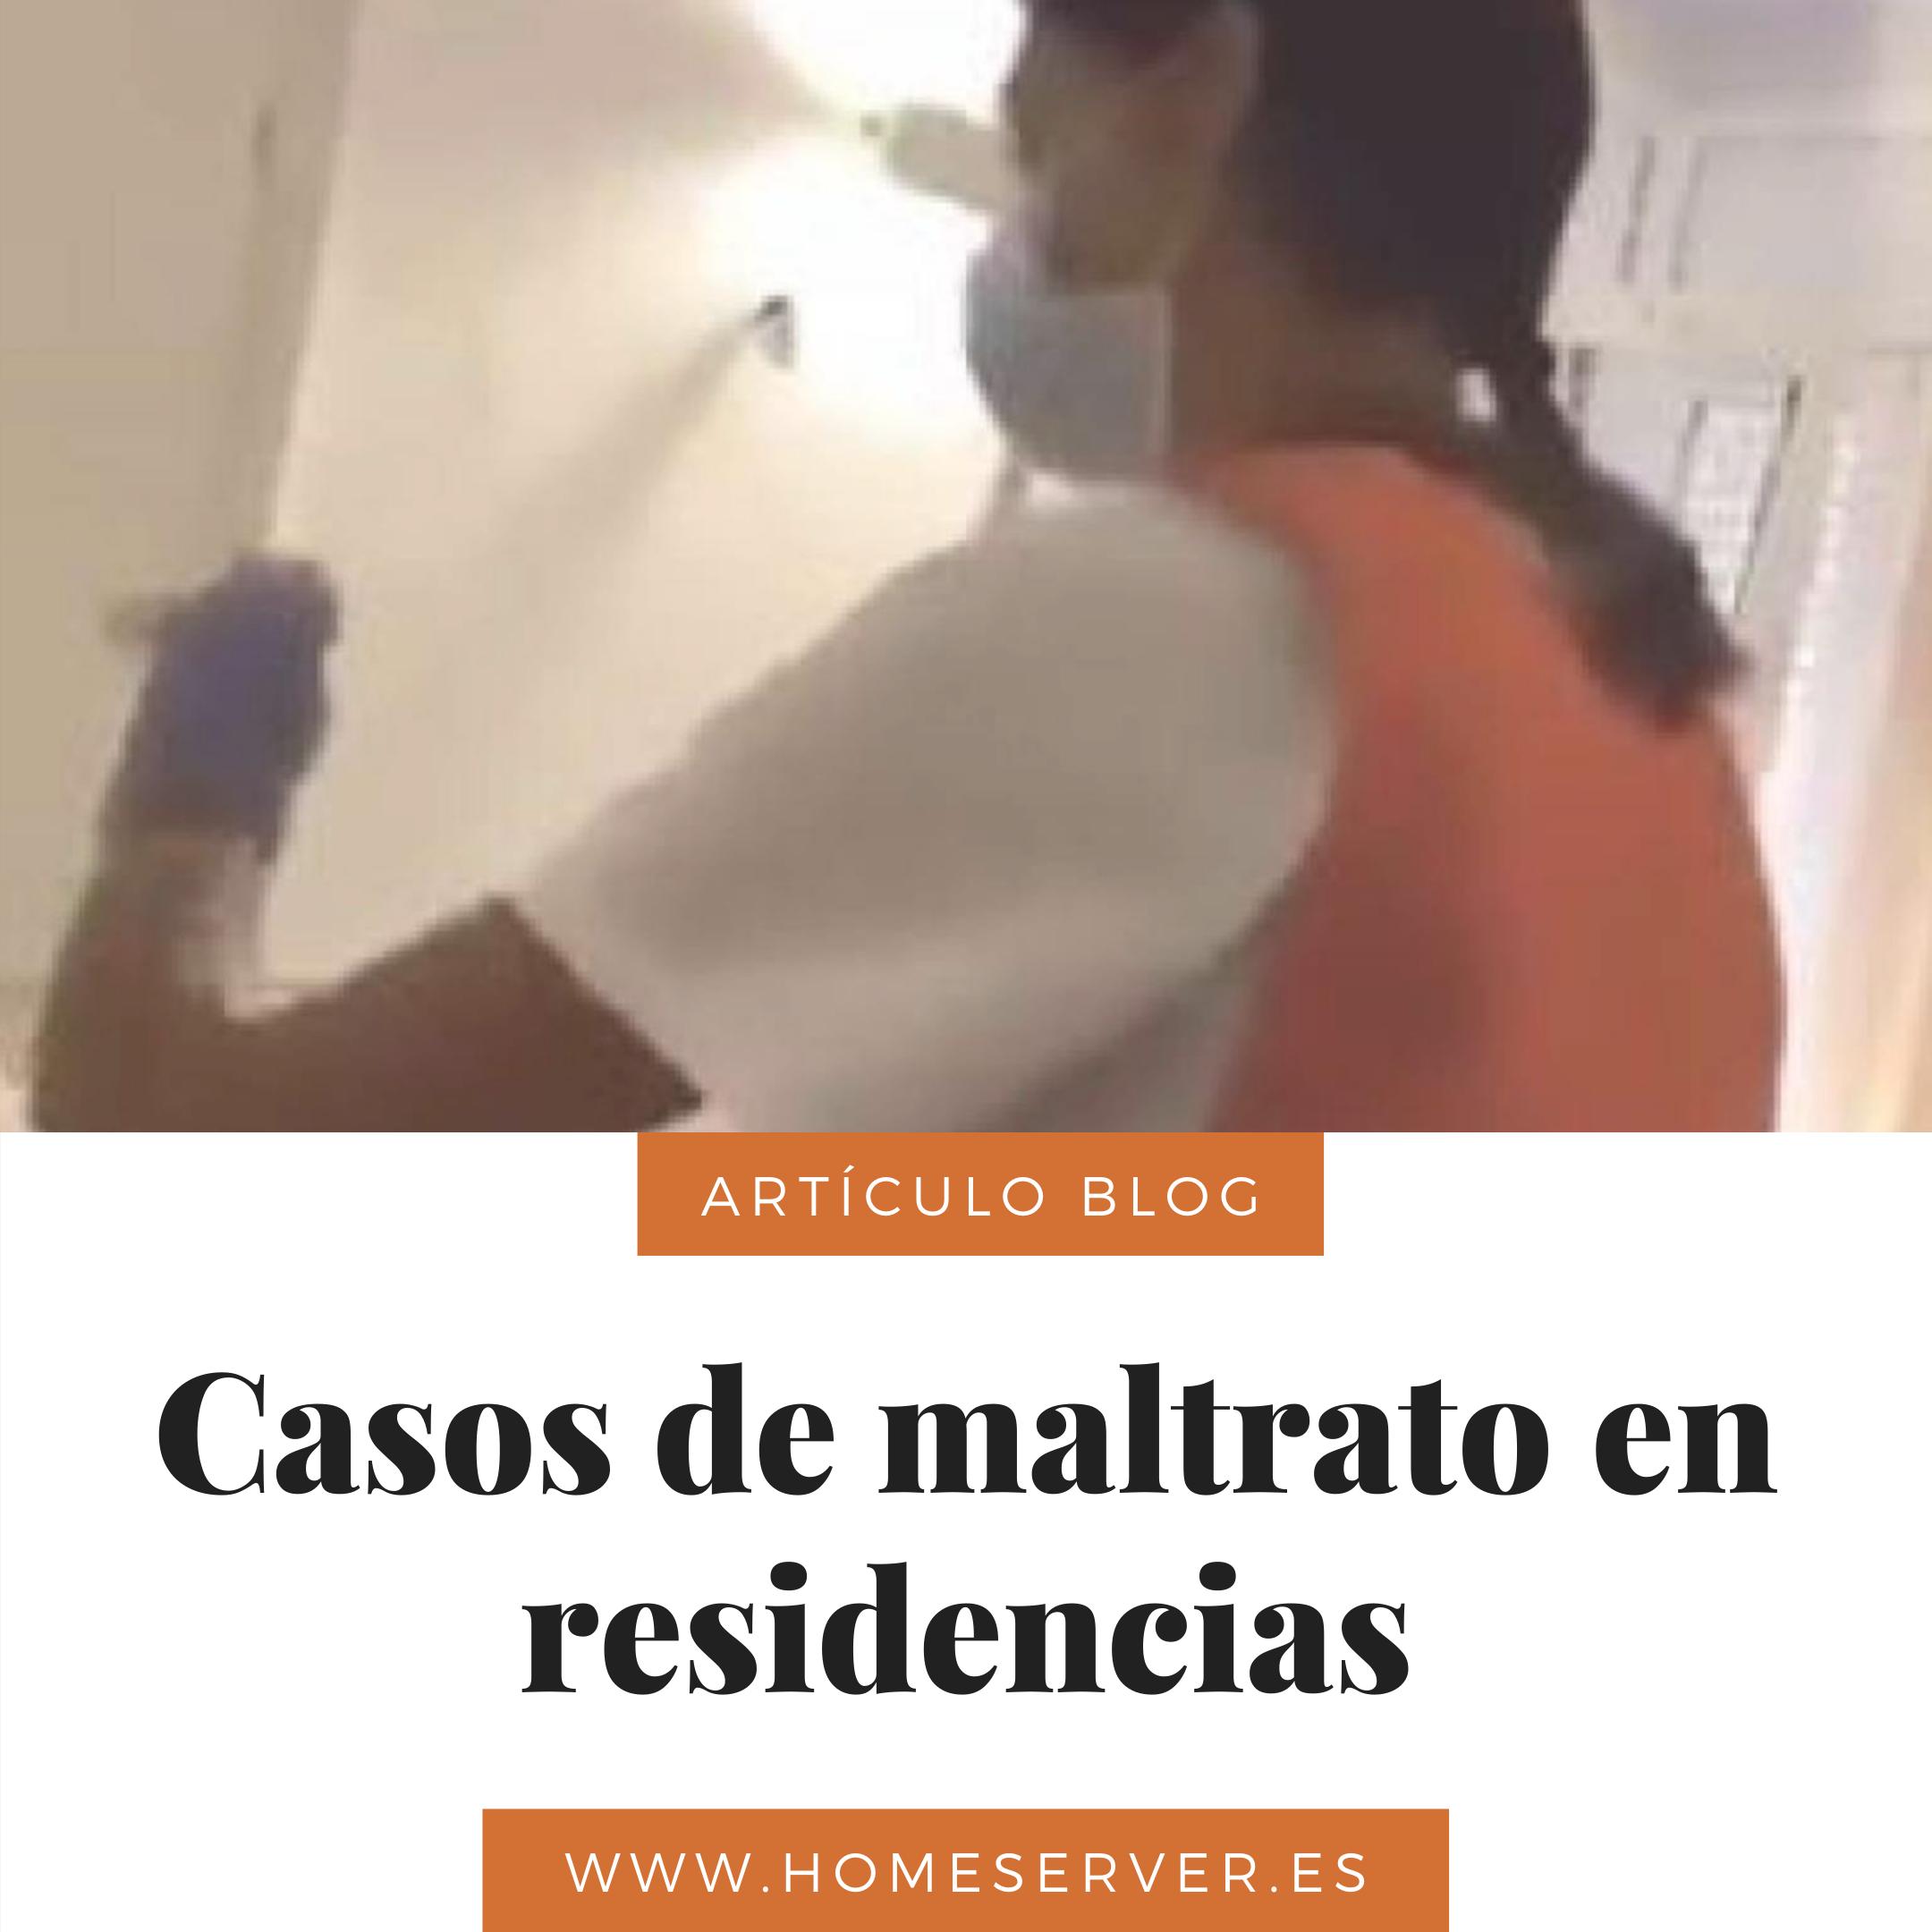 caso de maltrato en residencias